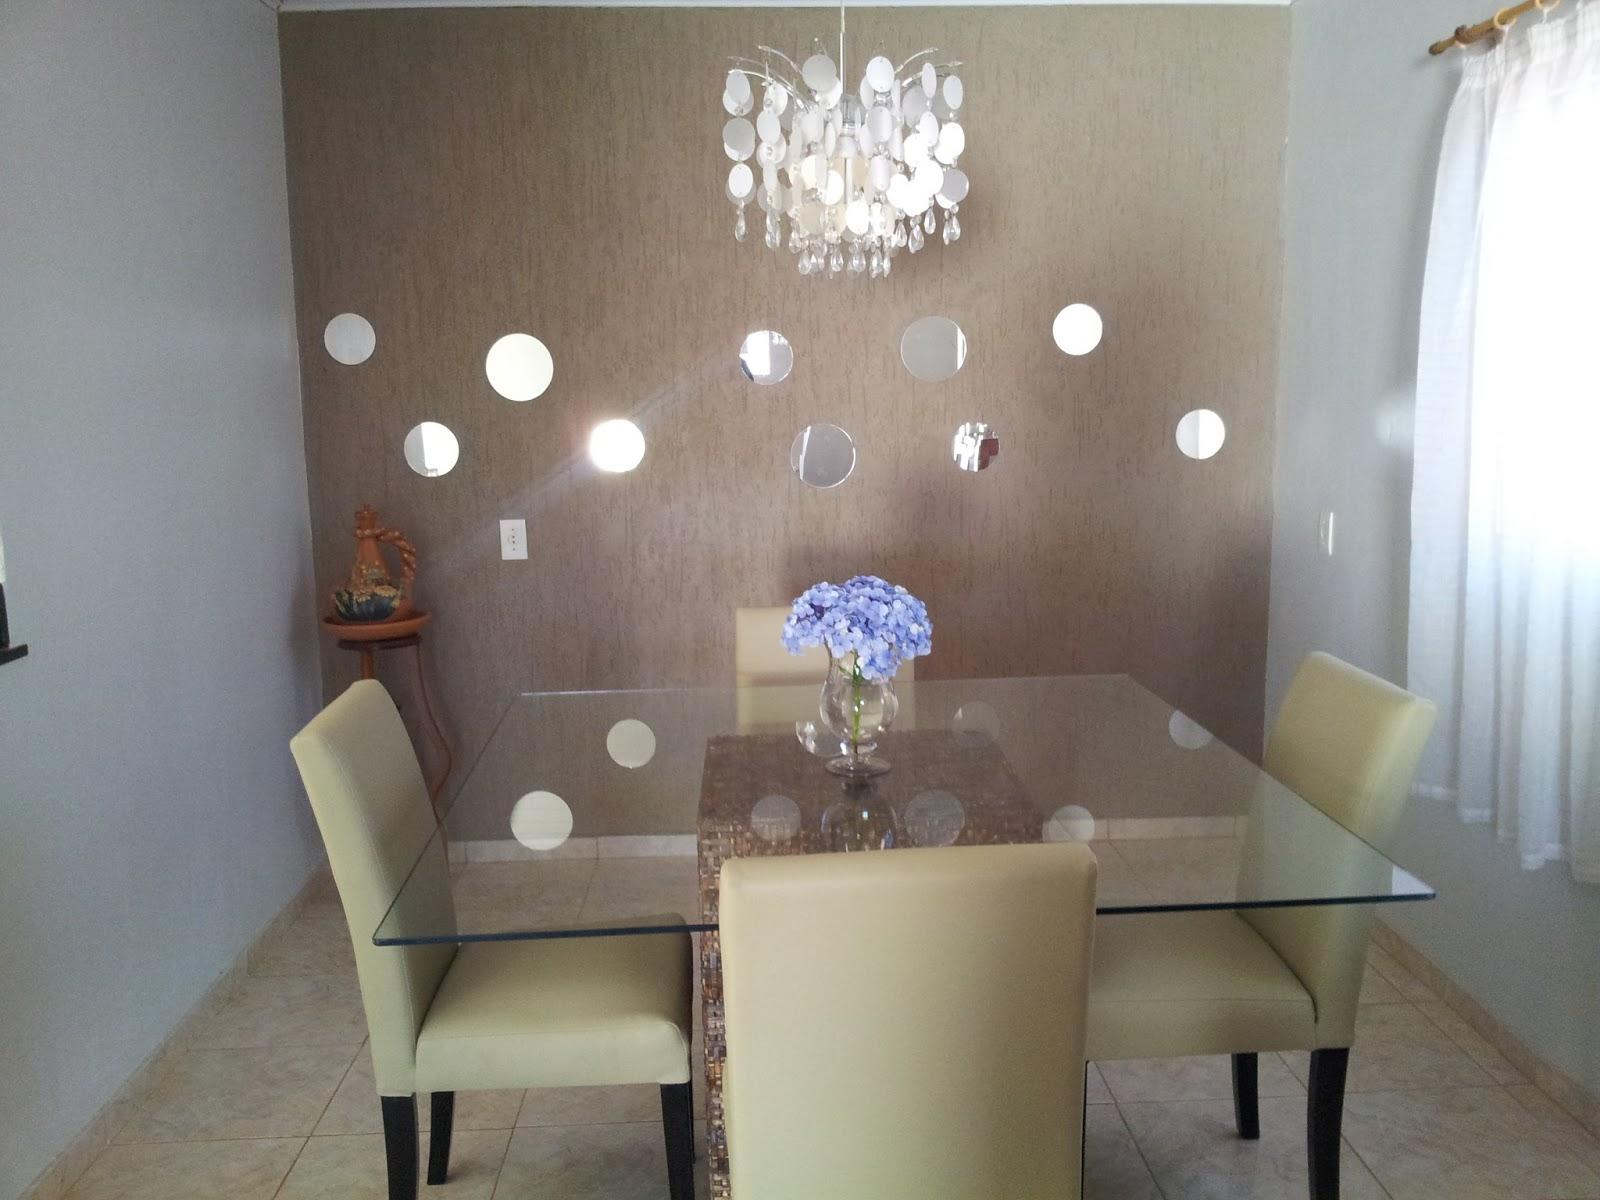 de espelhos com silicone numa parede com grafiato que deu um pouco de #4E5A7D 1600x1200 Banheiro Com Parede De Grafiato